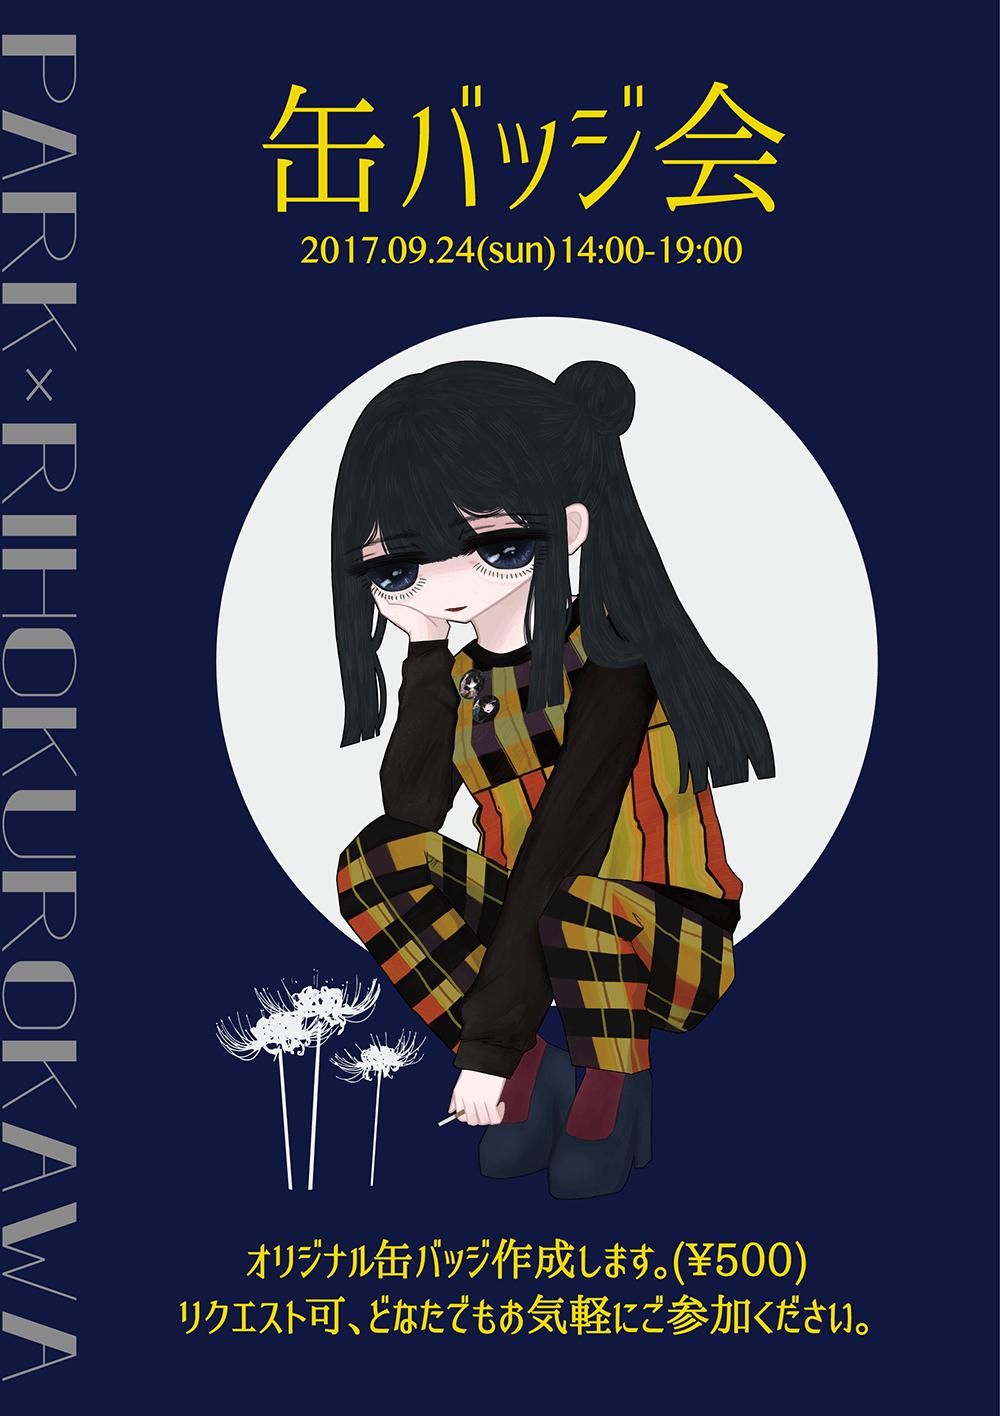 Riho Kurokawa ドローイング缶バッジ会vol.9